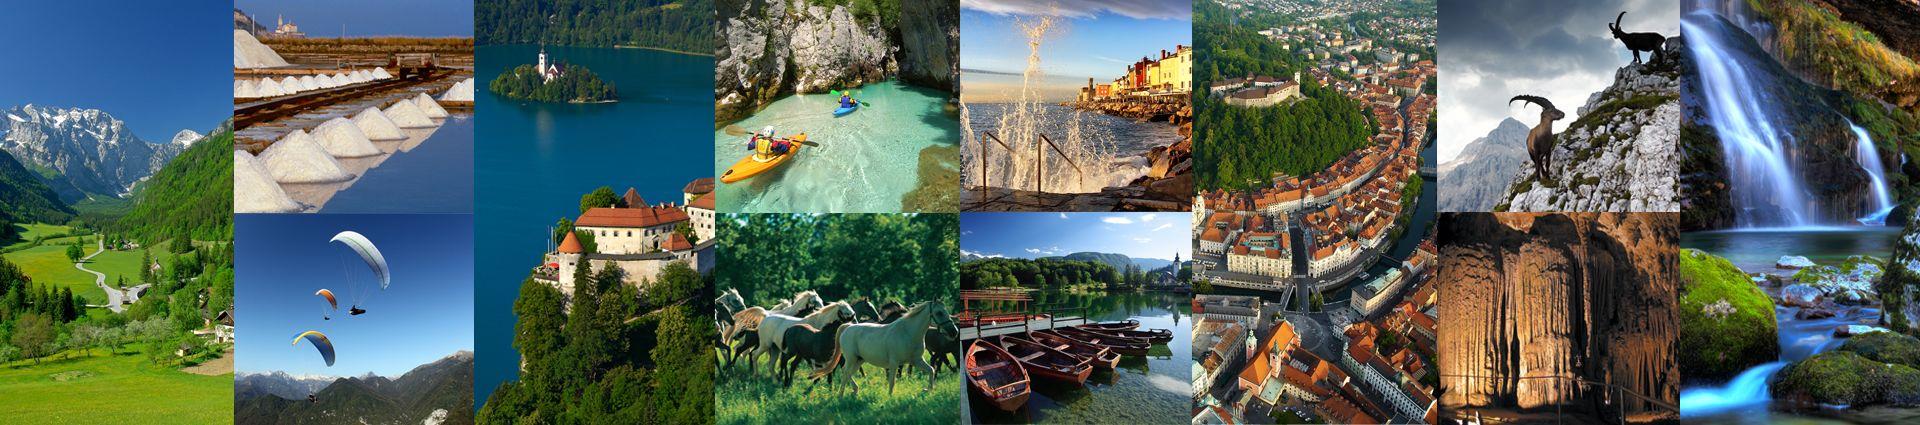 Slovenia-Diversity-Collage_www.slovenia.info